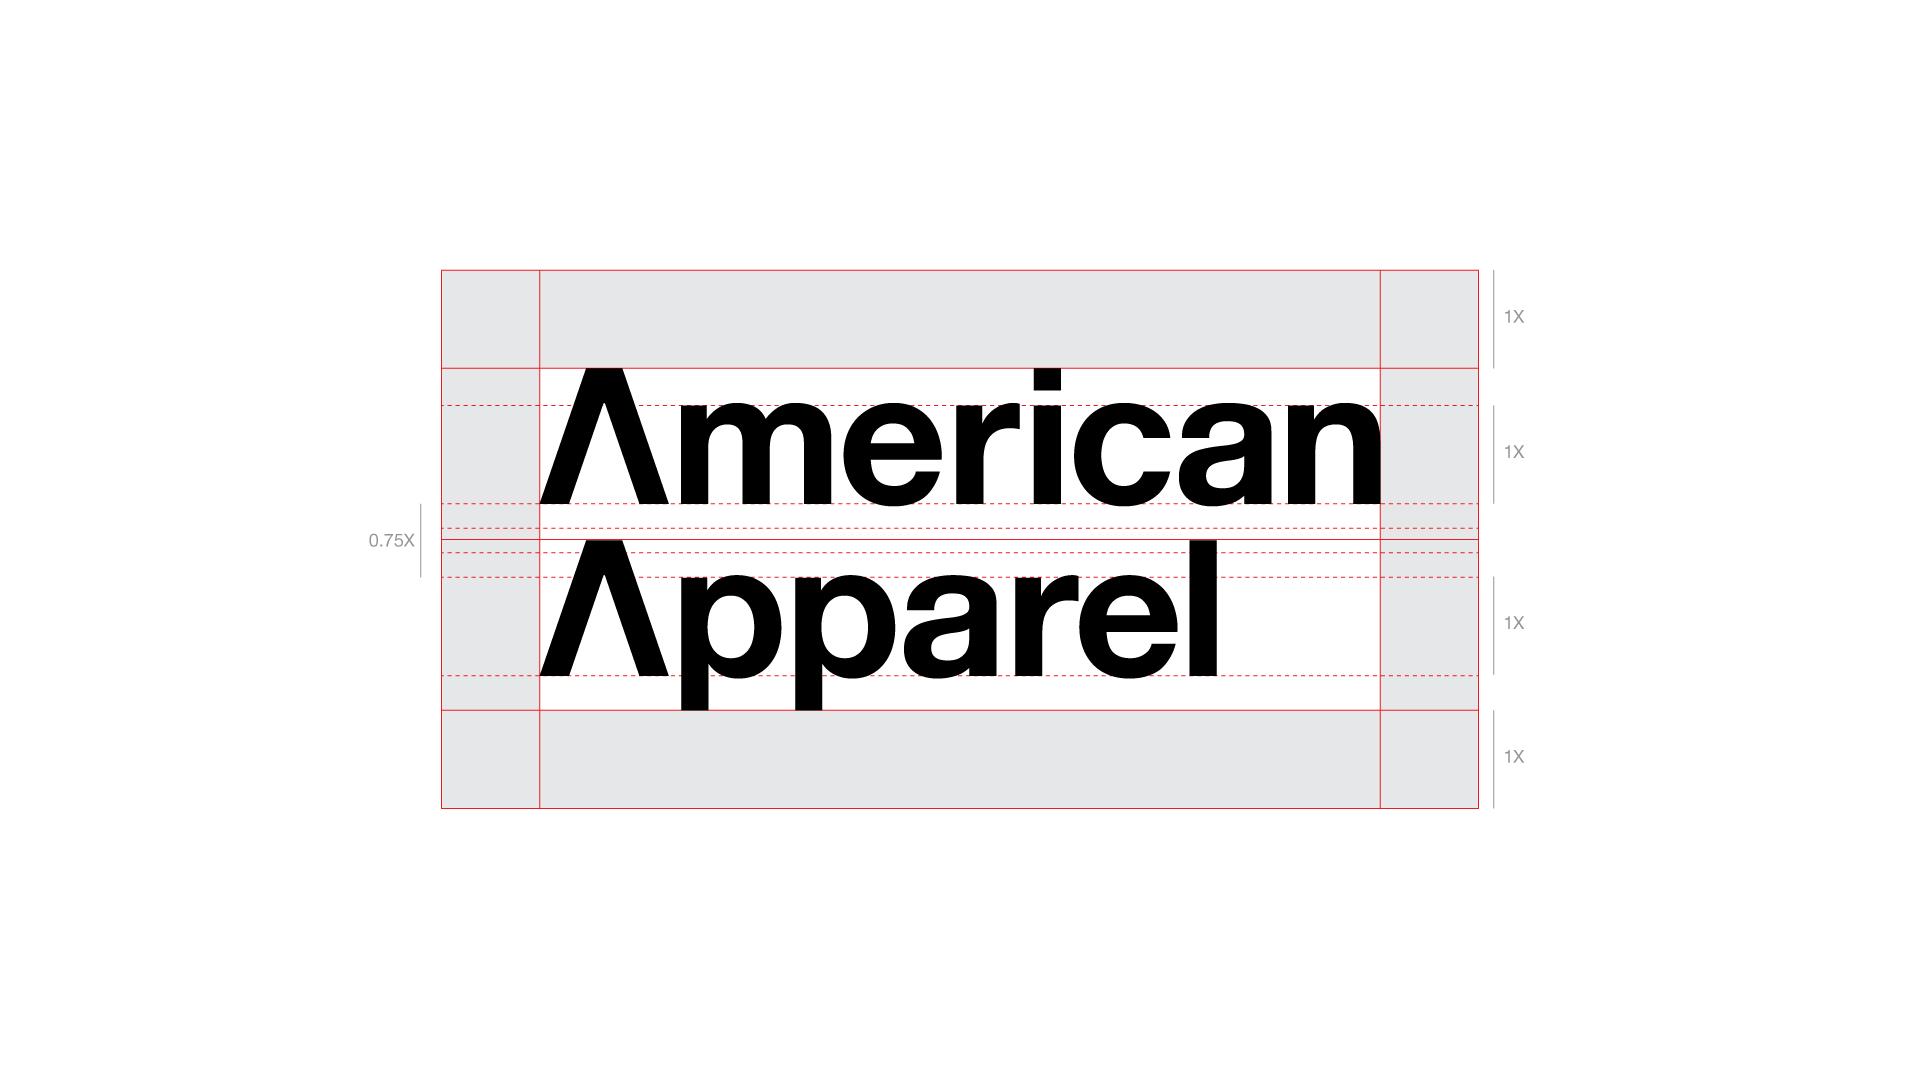 AA-logo-set-og.jpg